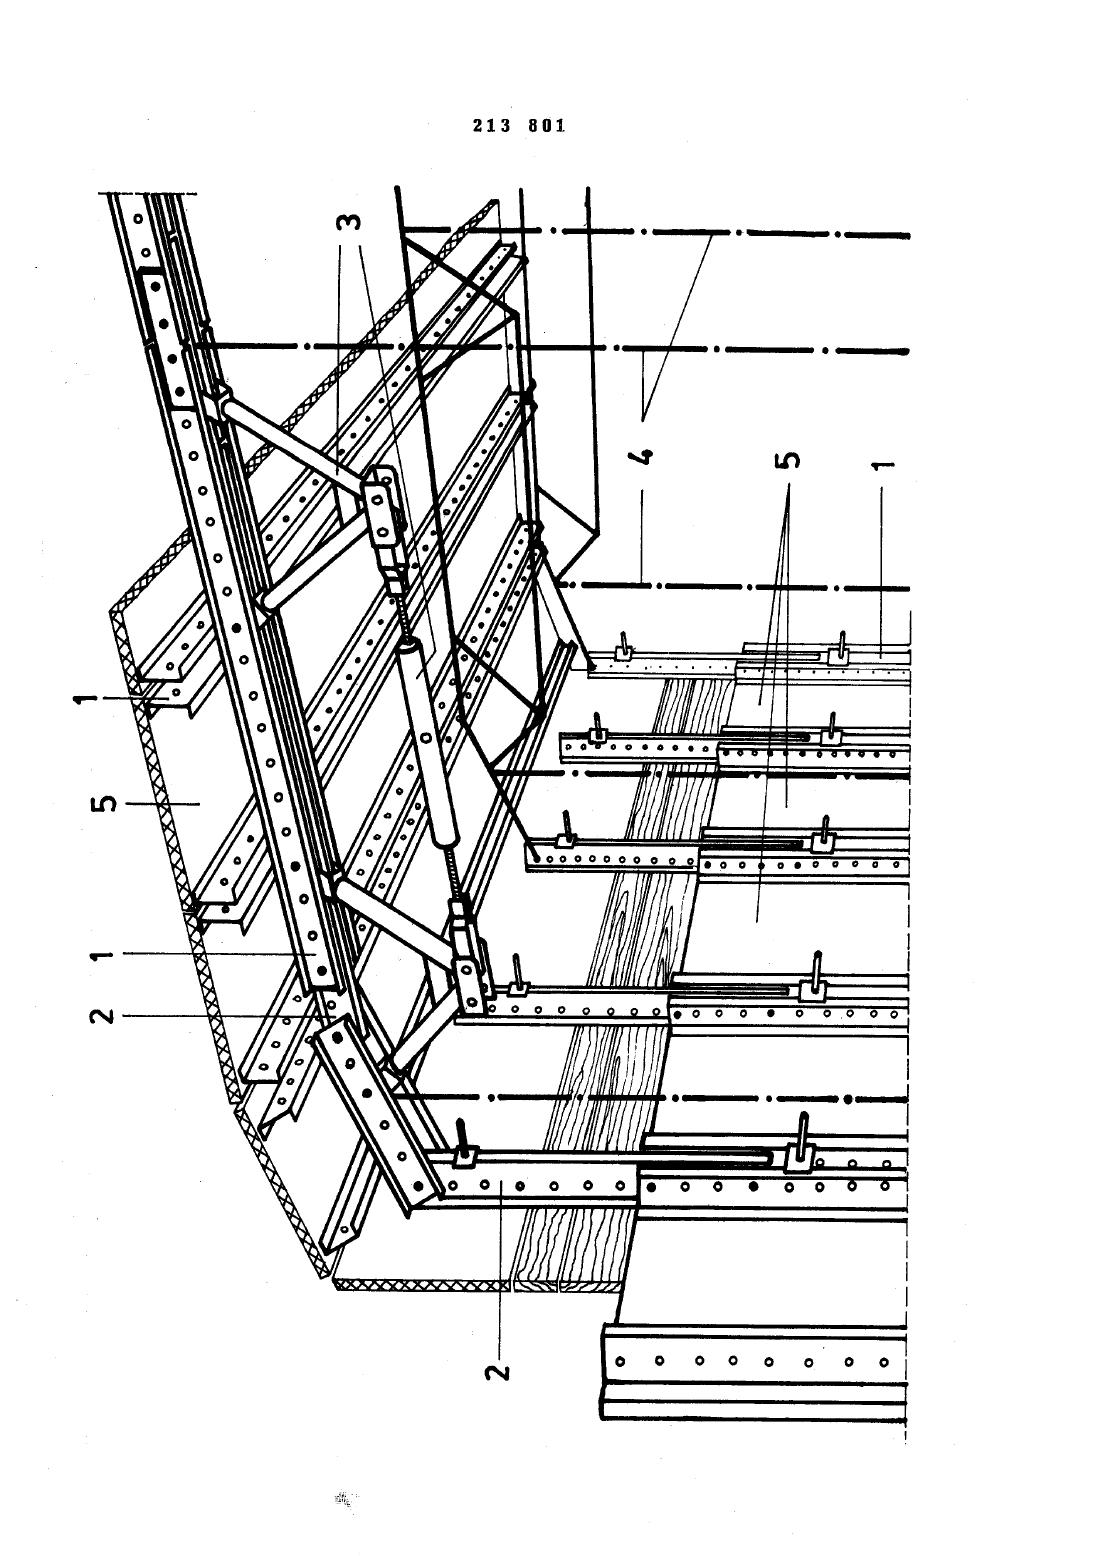 Podperna Konstrukce Pro Bedneni 01 05 1984 213801 Databaza